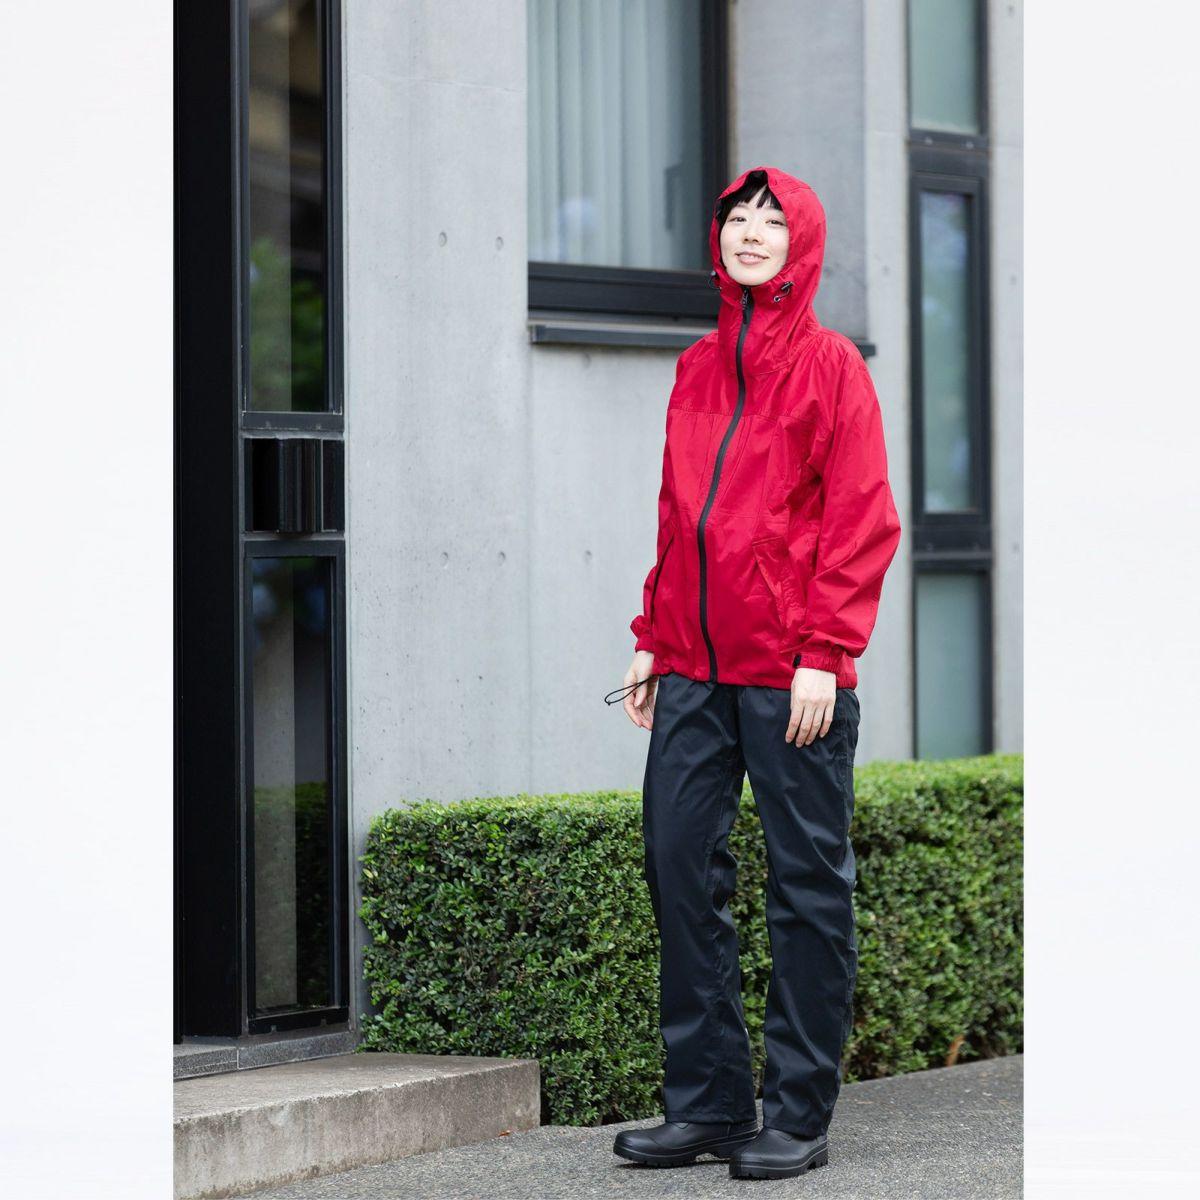 [女性モデルのサイズ]身長:168cm 着用サイズ:M / (下)7571 ストレッチシールド パンツ M